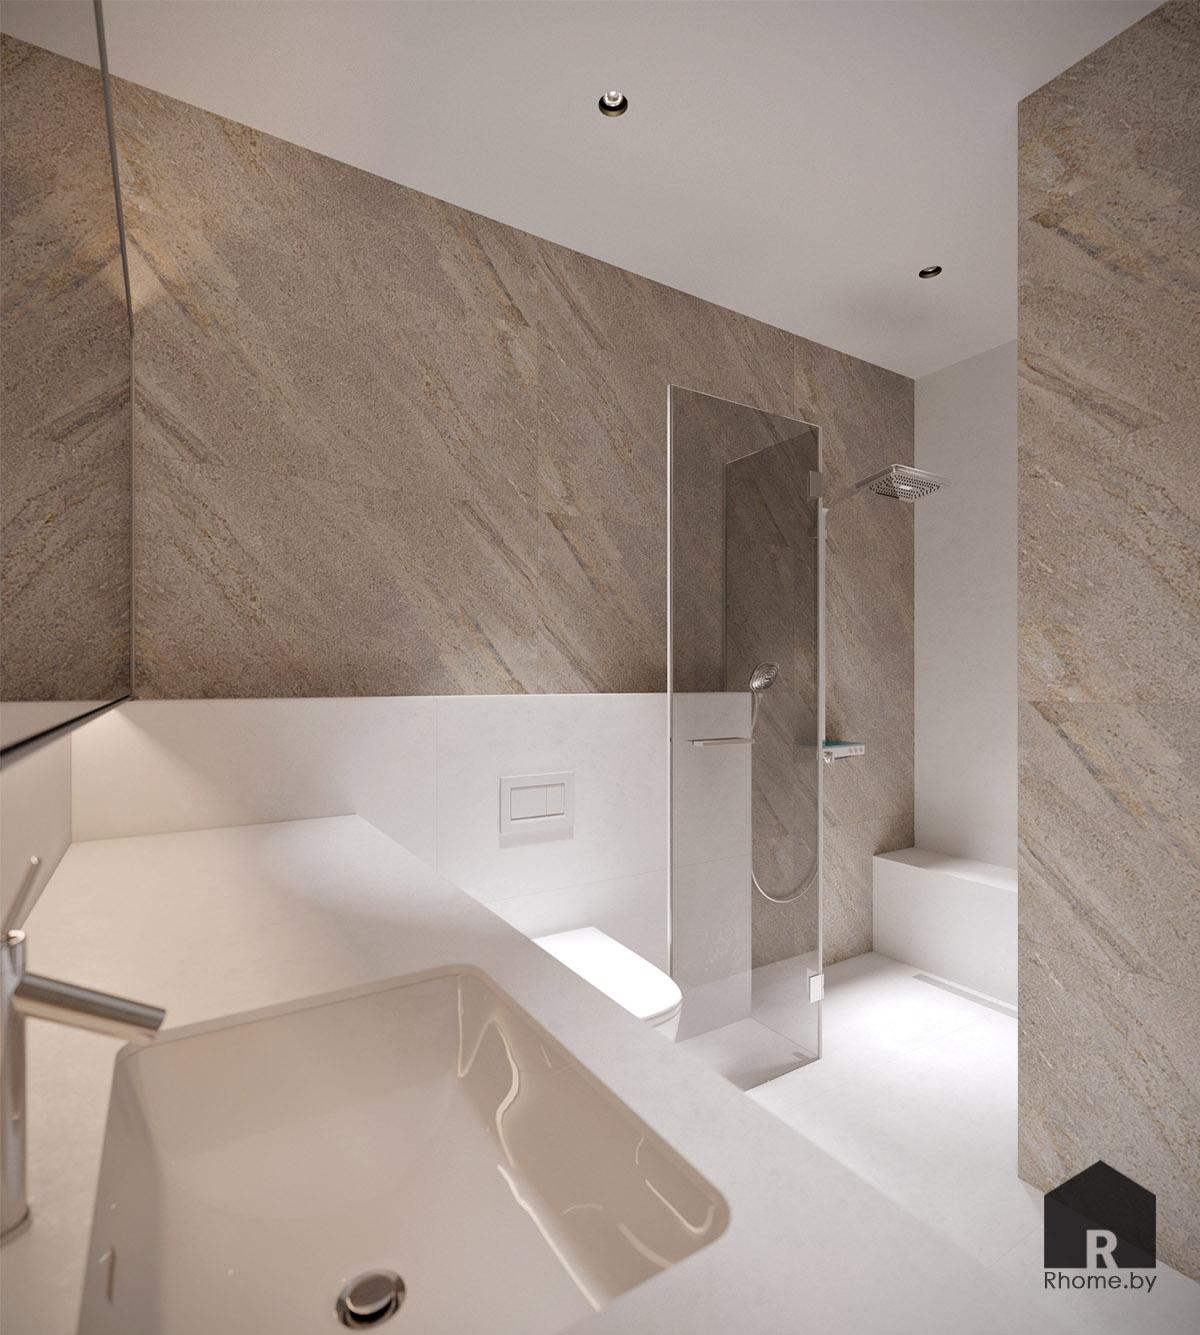 Дизайн интерьера туалета в Березовой роще | Дизайн студия – Rhome.by